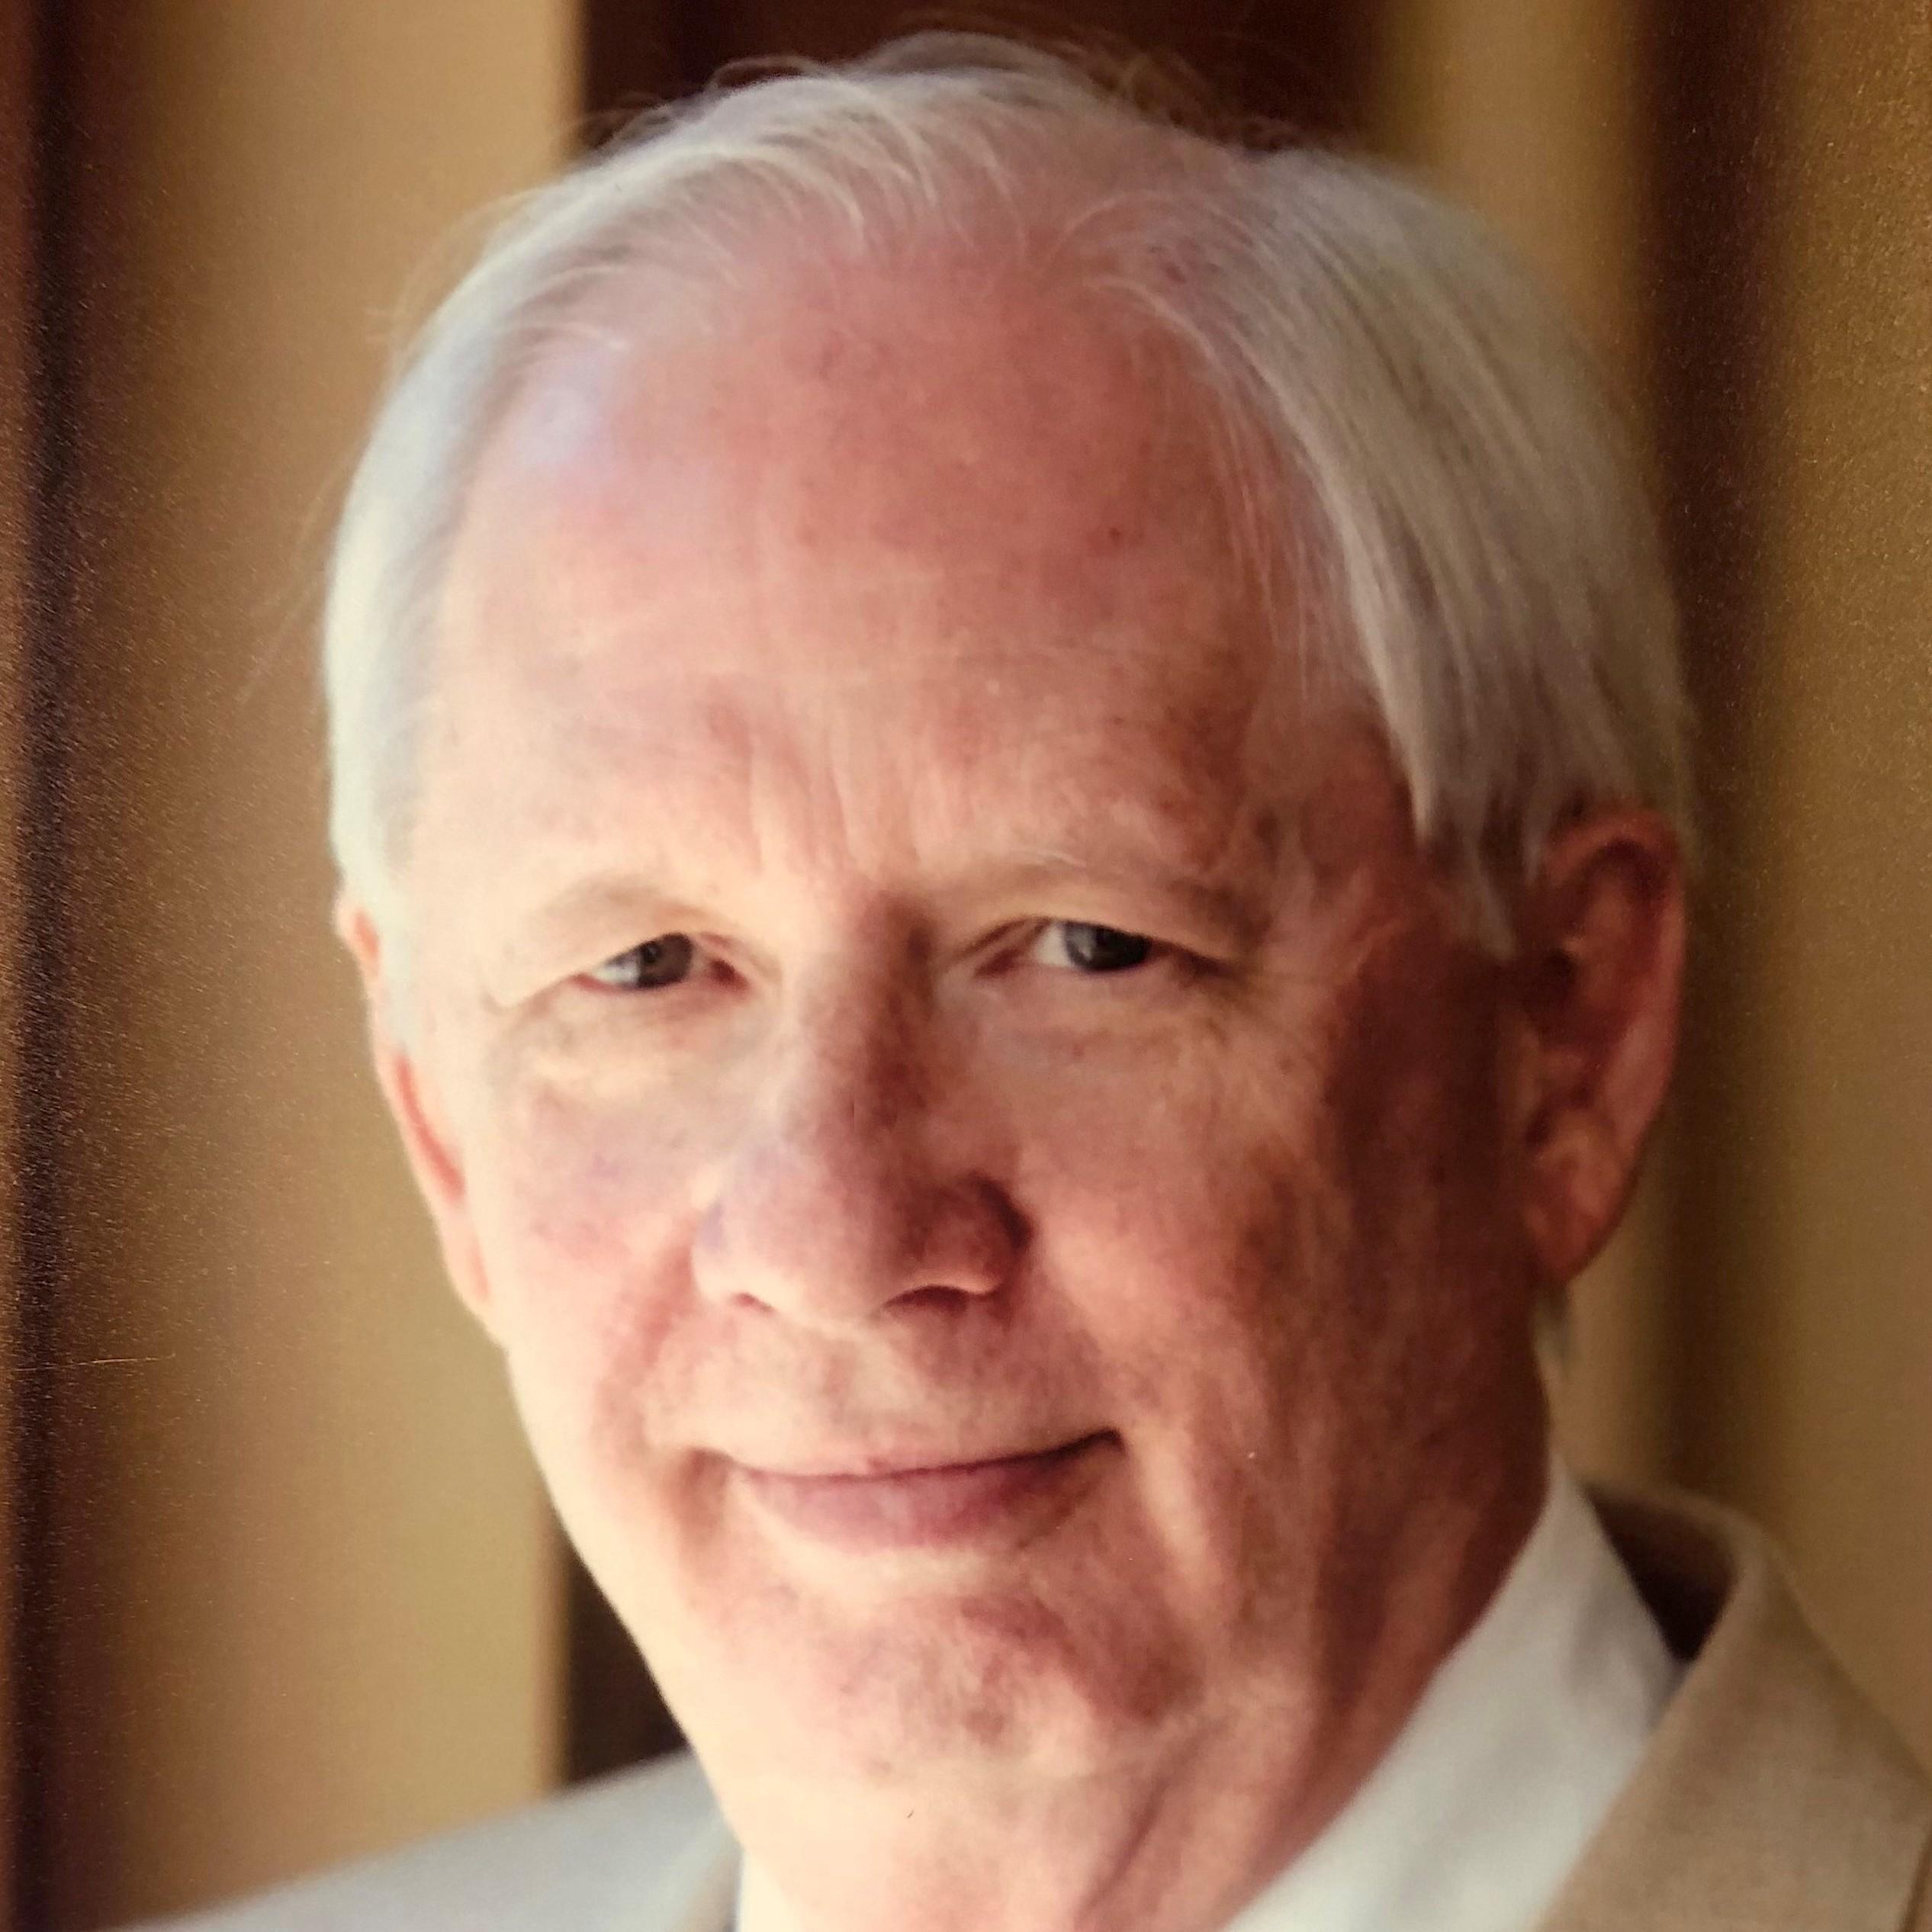 Peyton L. Townsend